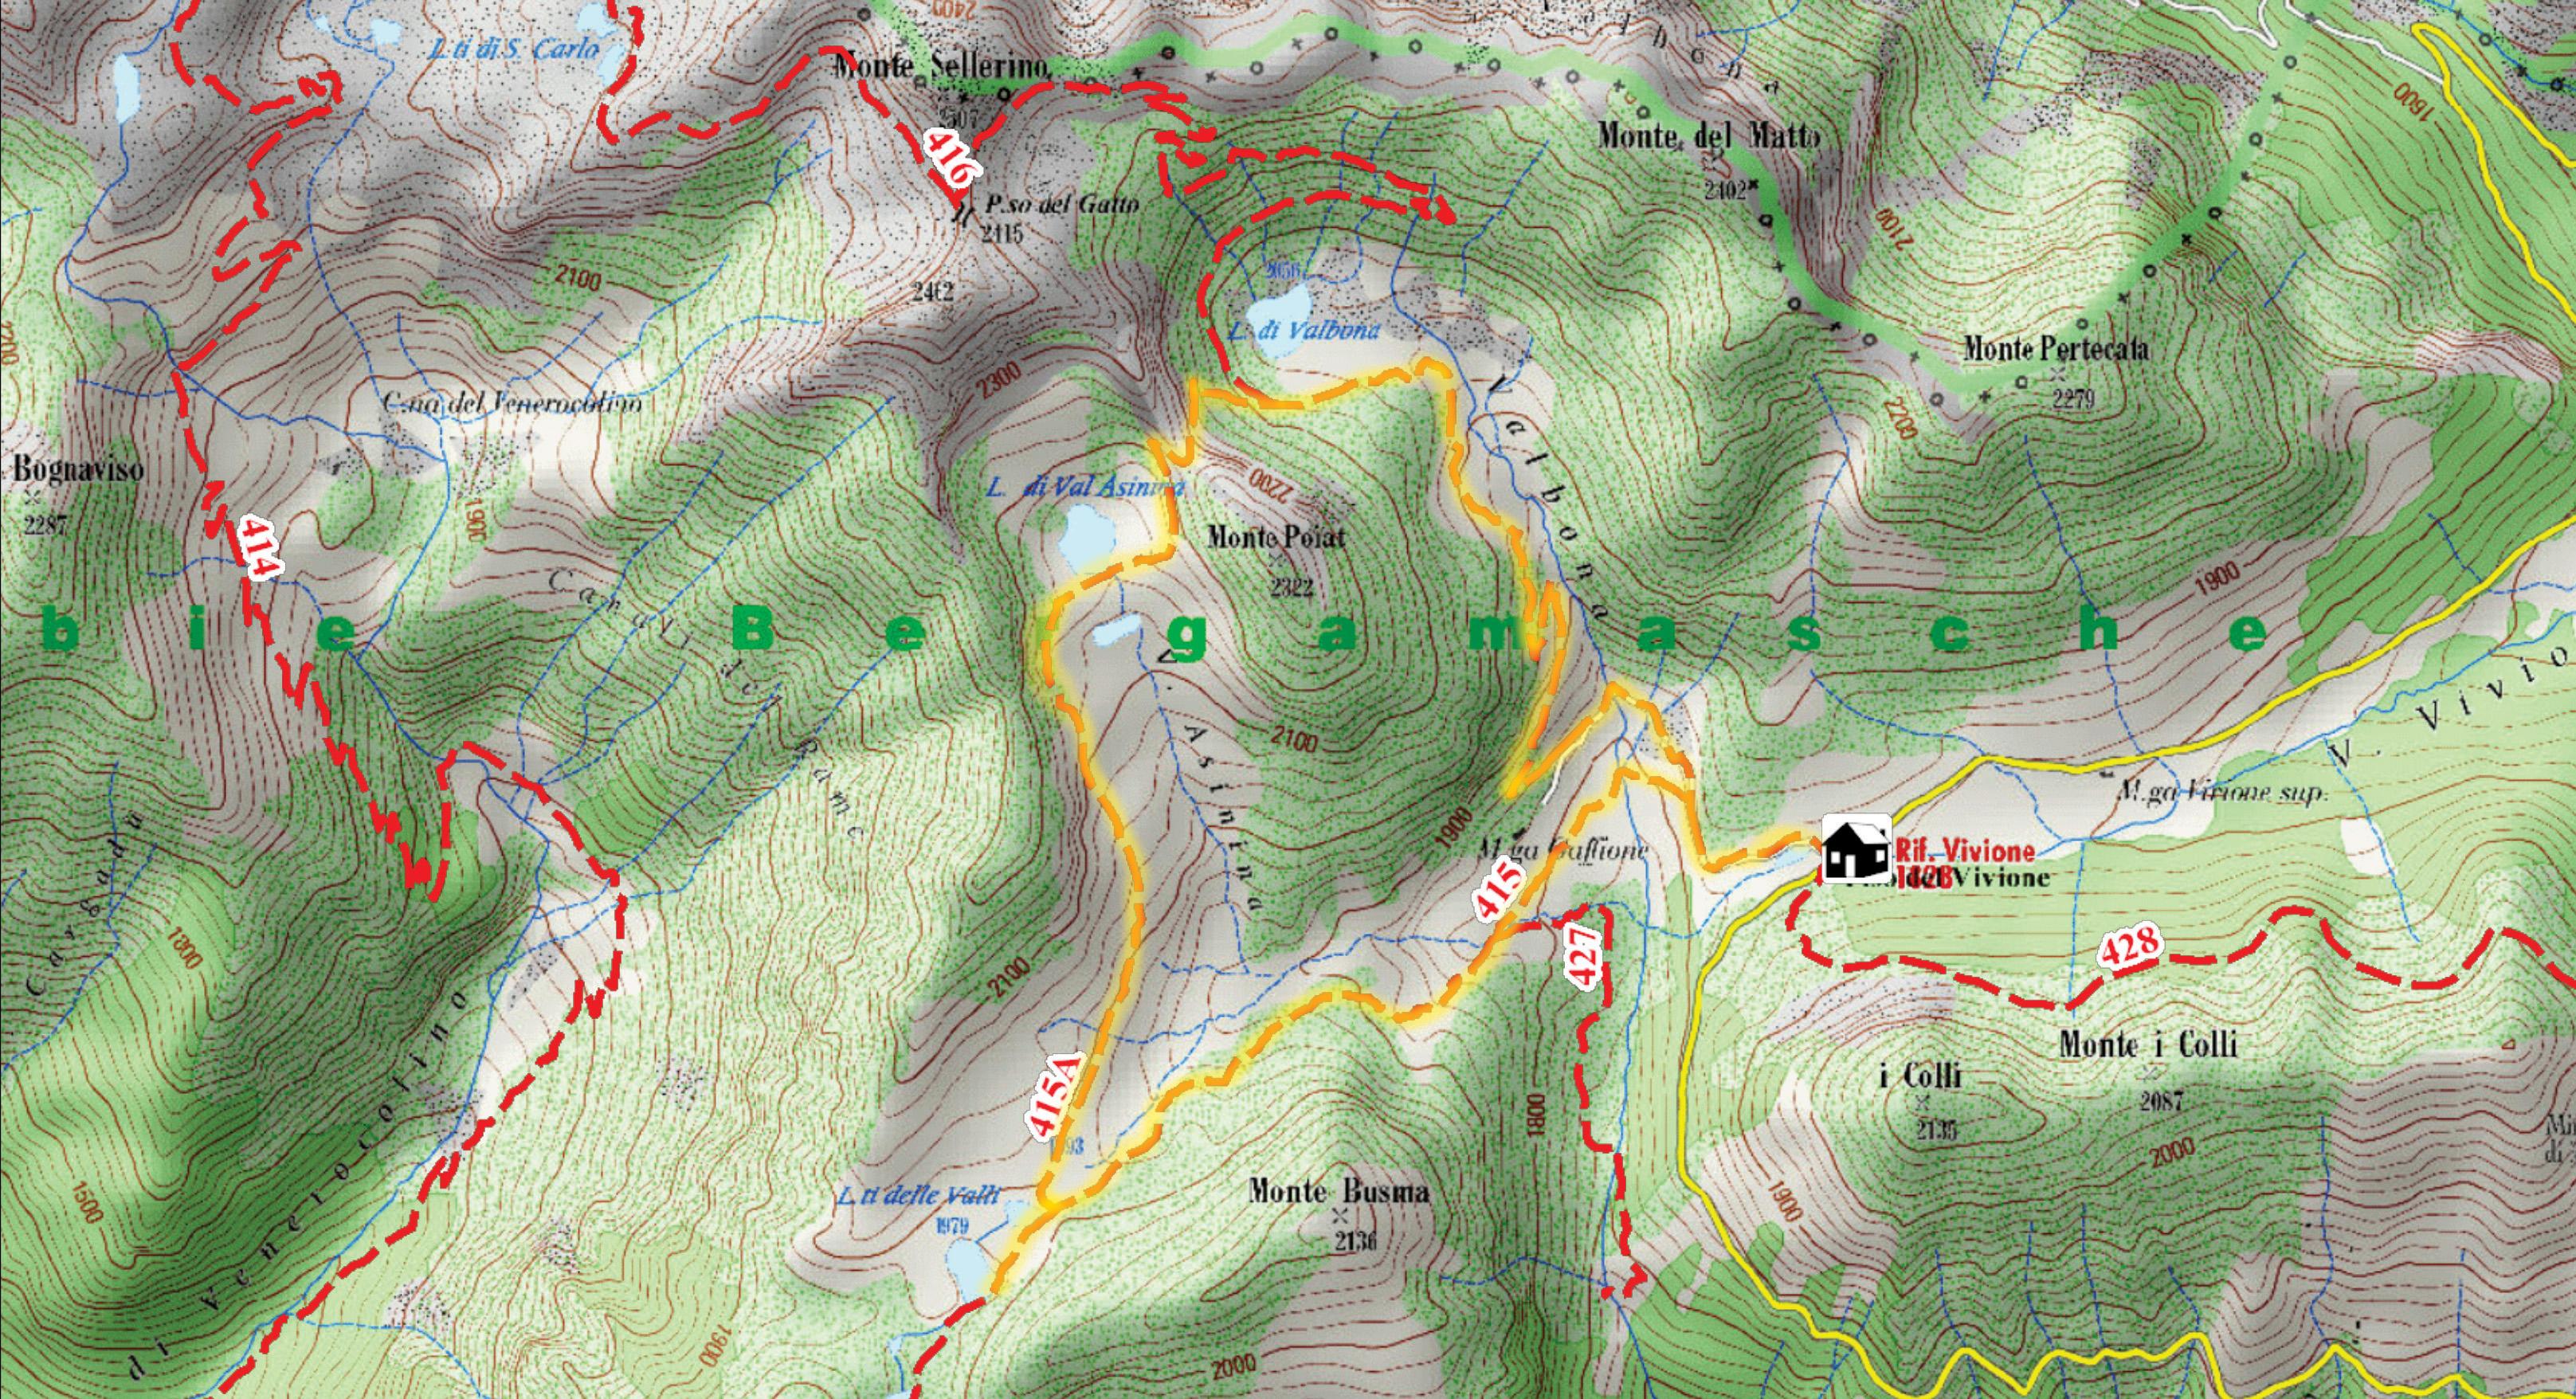 vivione_cartografia con traccia